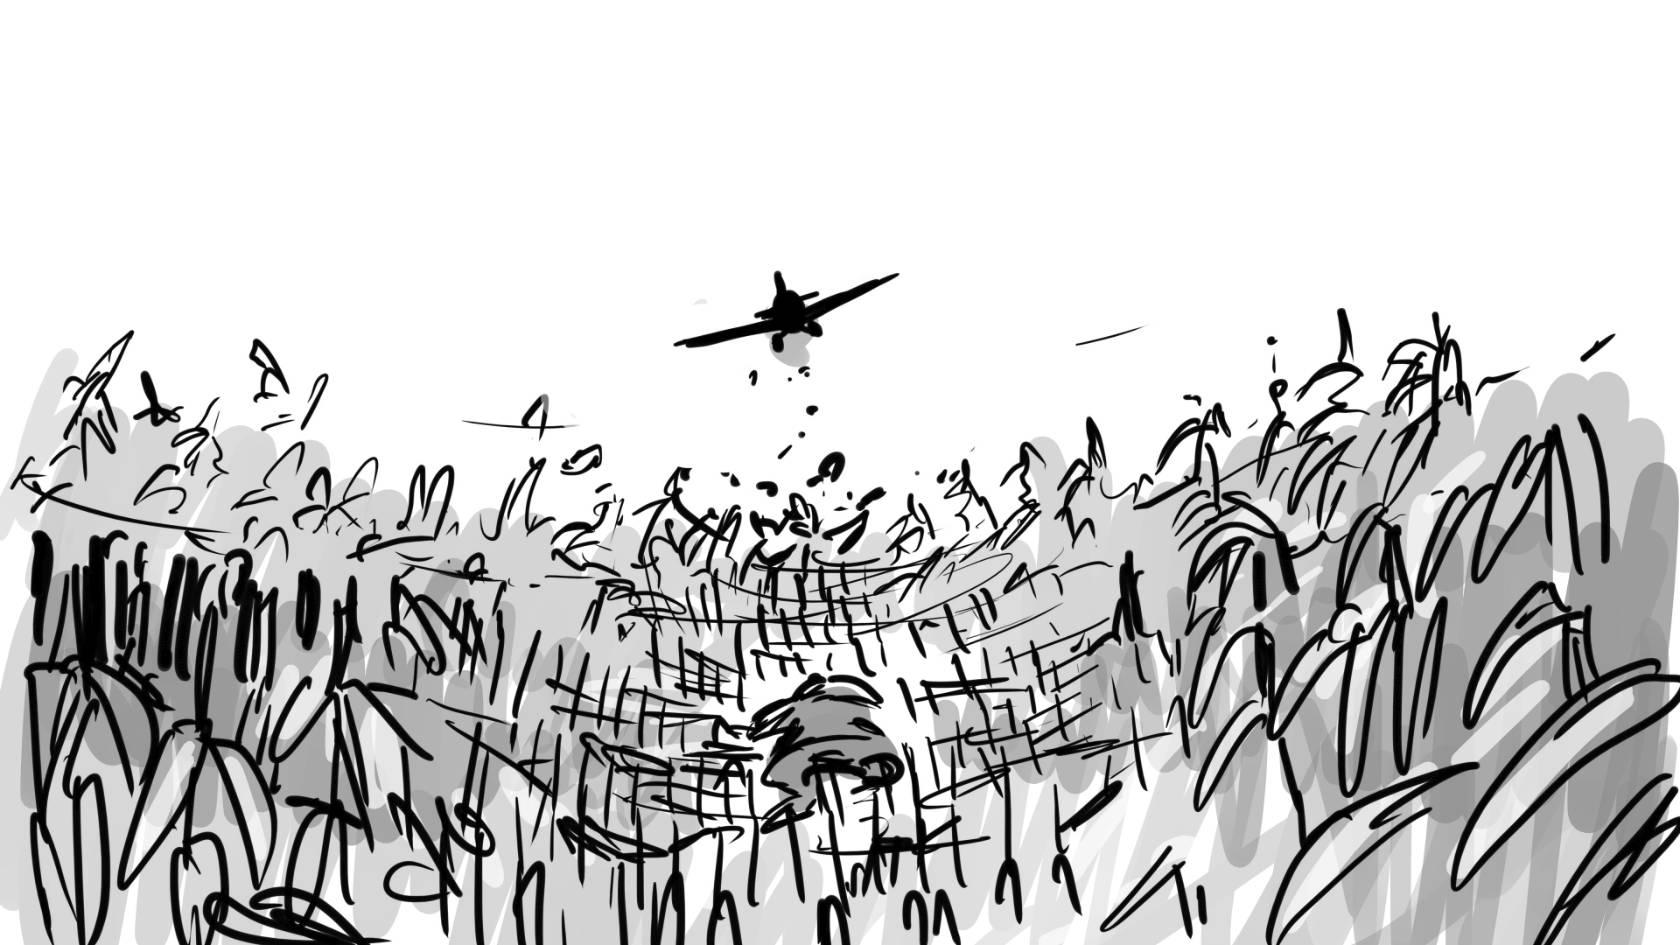 cornfield  azjsdm